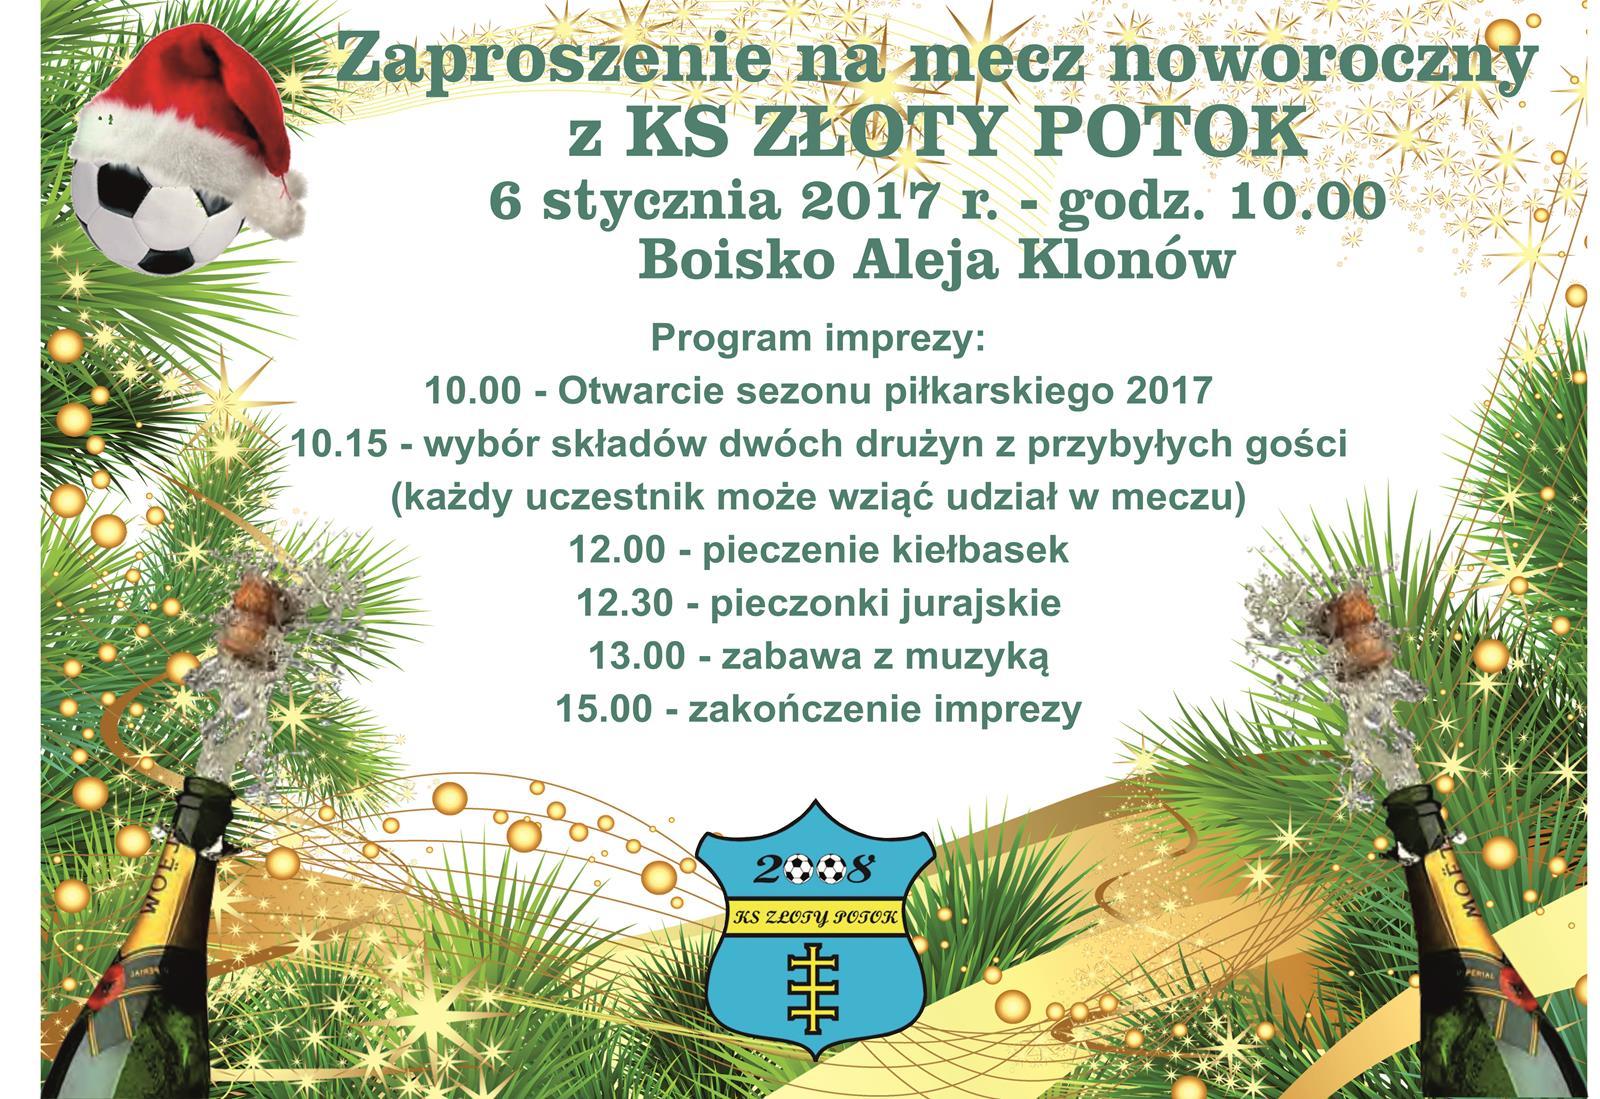 2017 KS ZP NOWOROCZNY (Copy).jpg